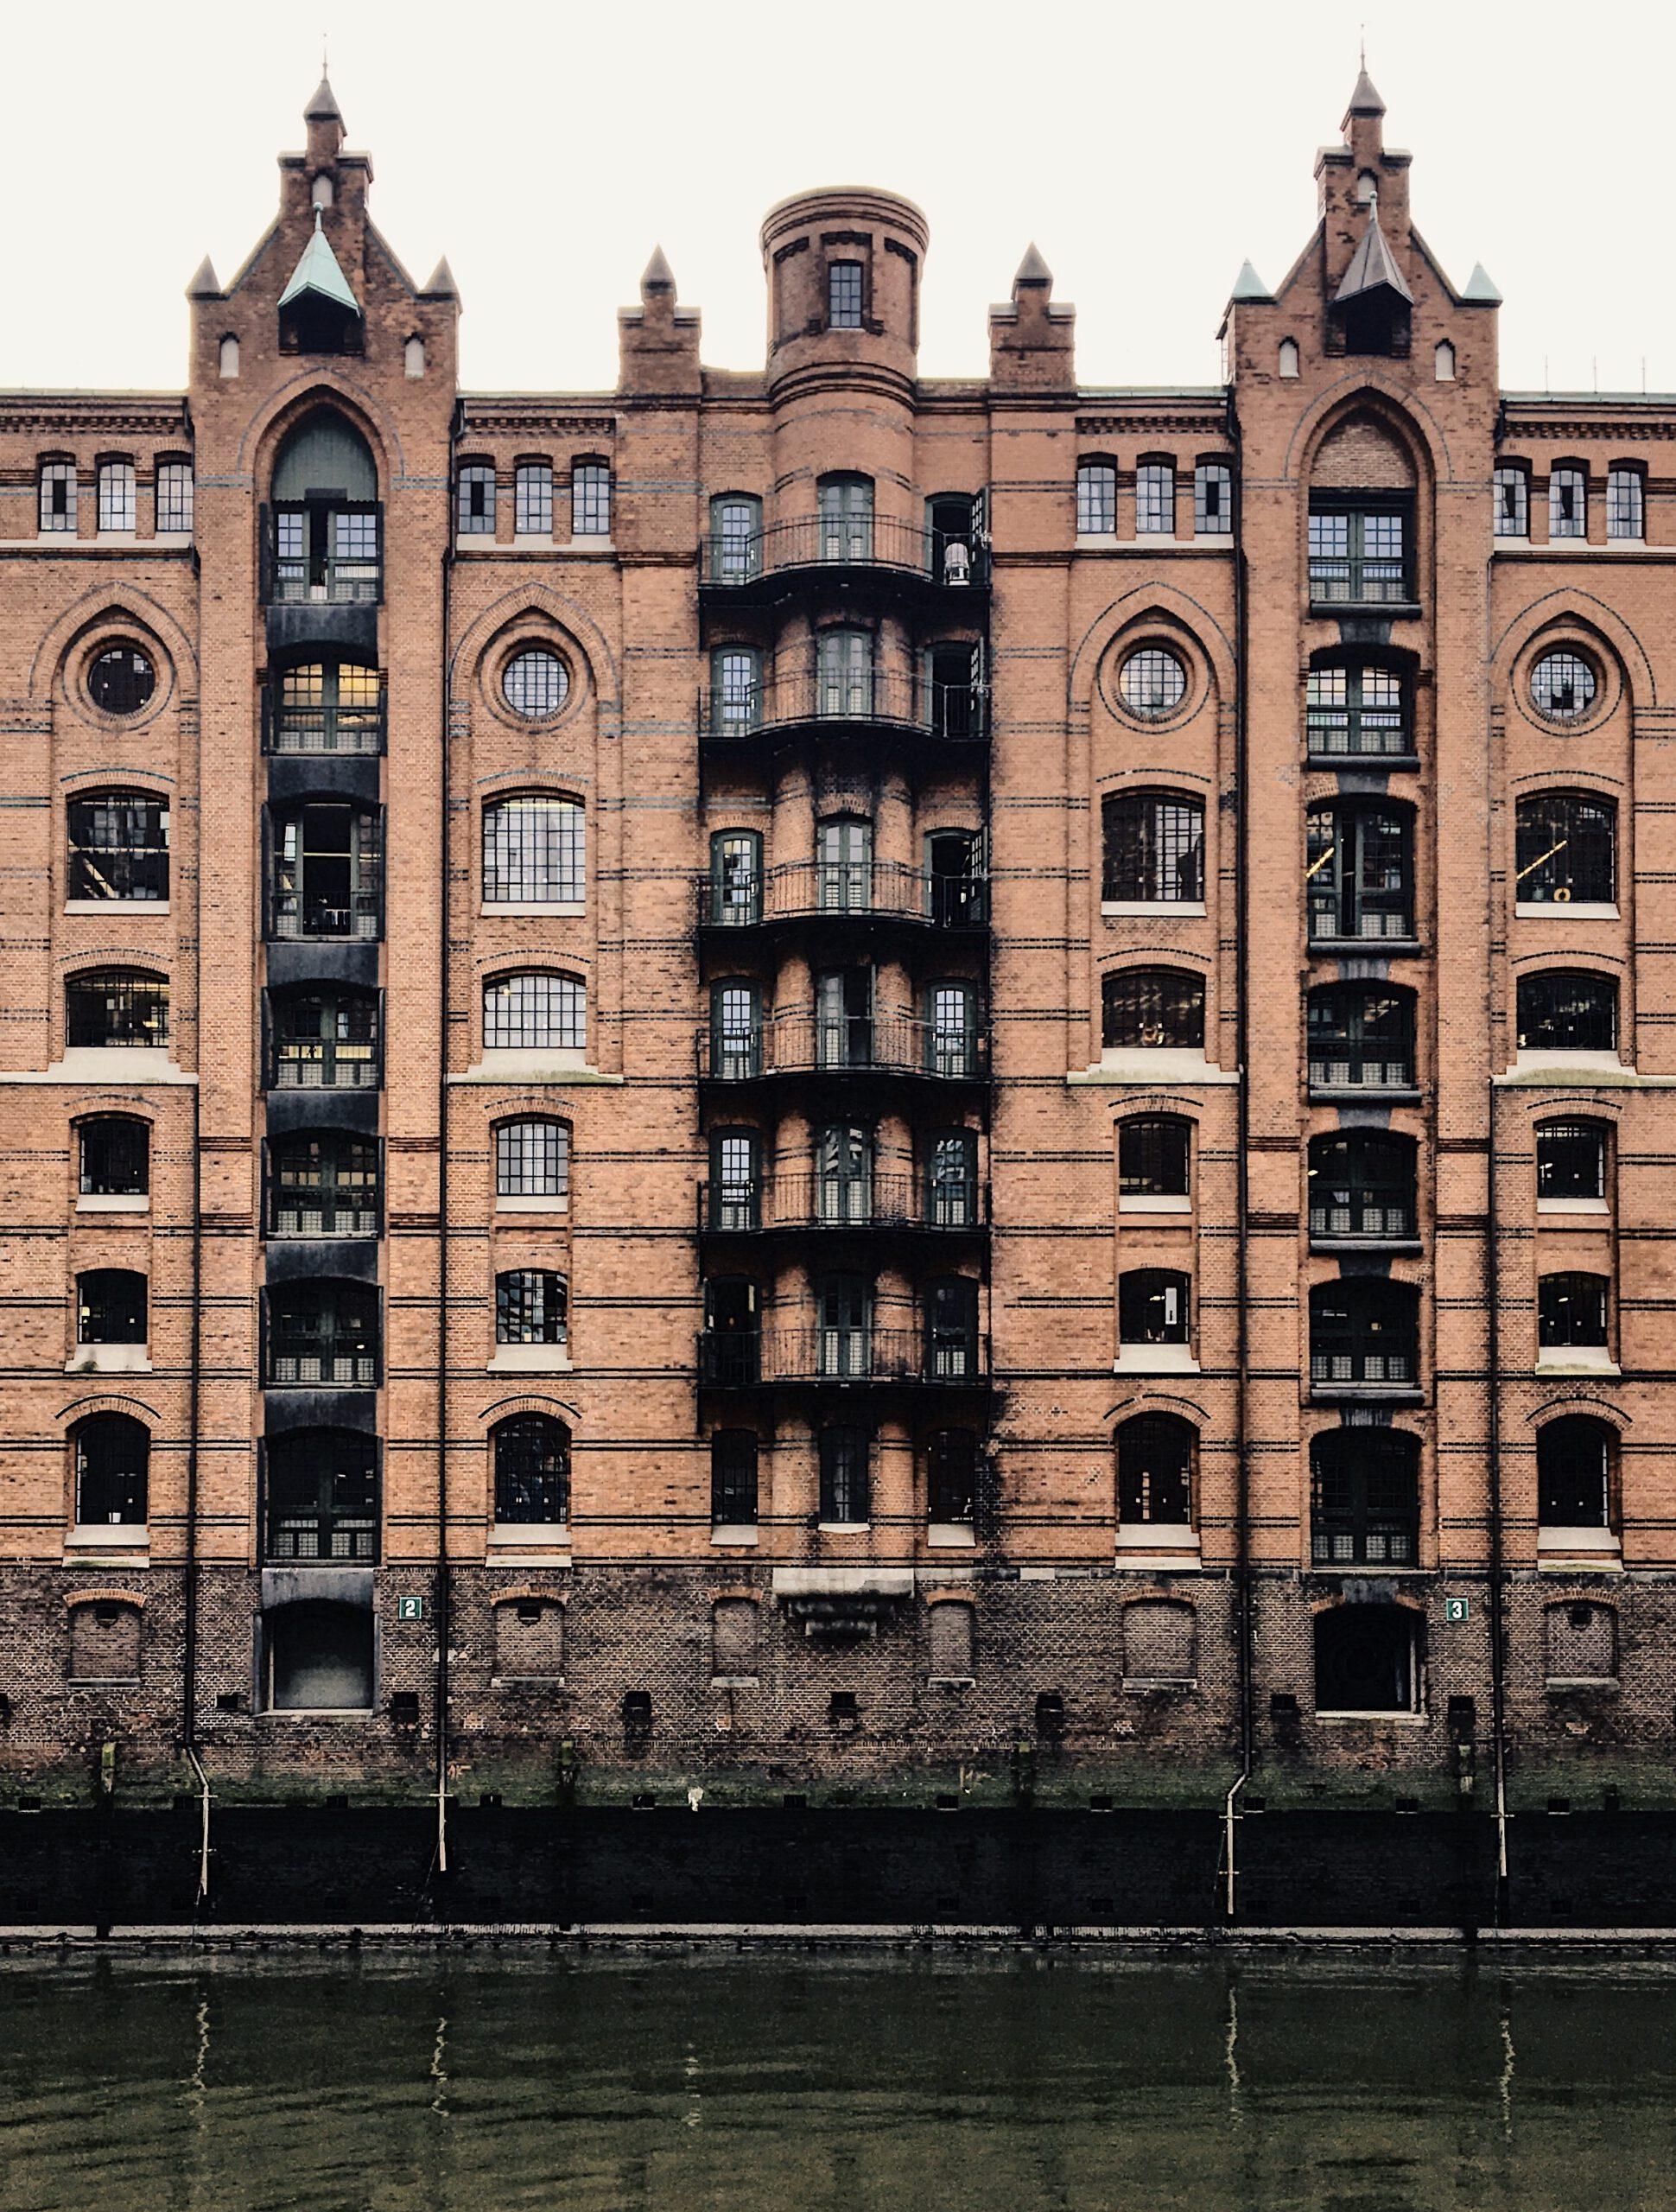 Hamburgs Speicherstadt: Backstein Architektur